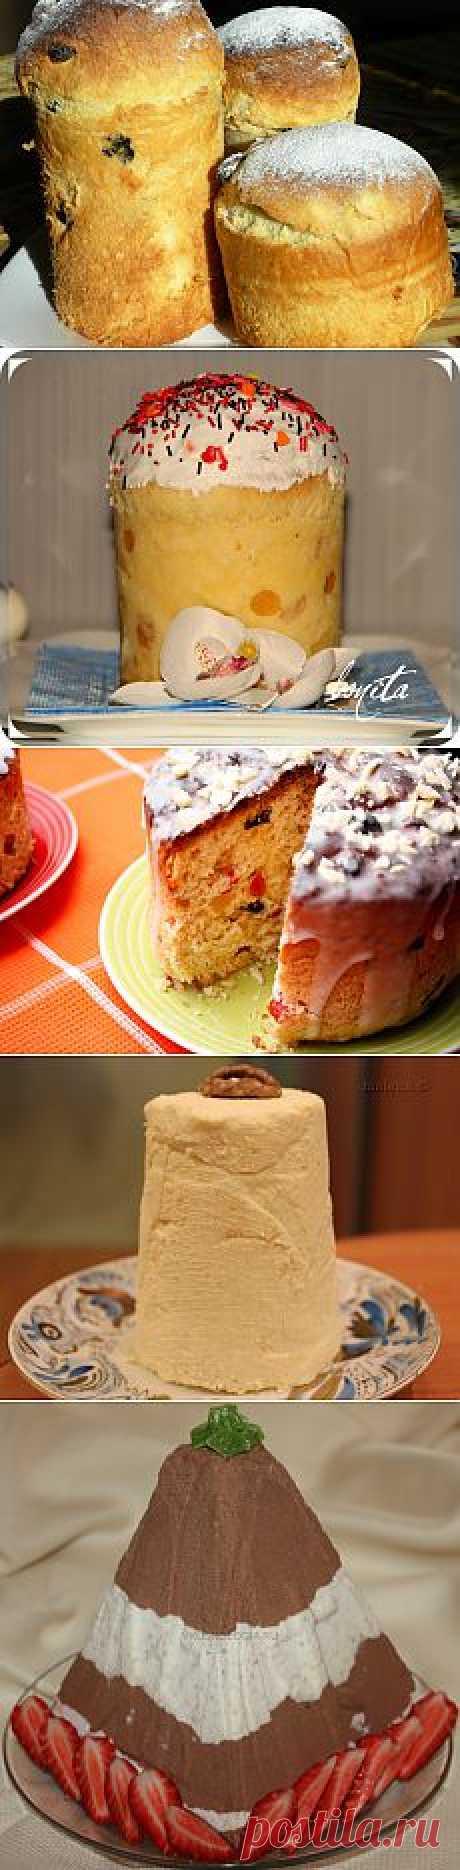 La búsqueda sobre el Postlimo: las recetas de las roscas de Pascua